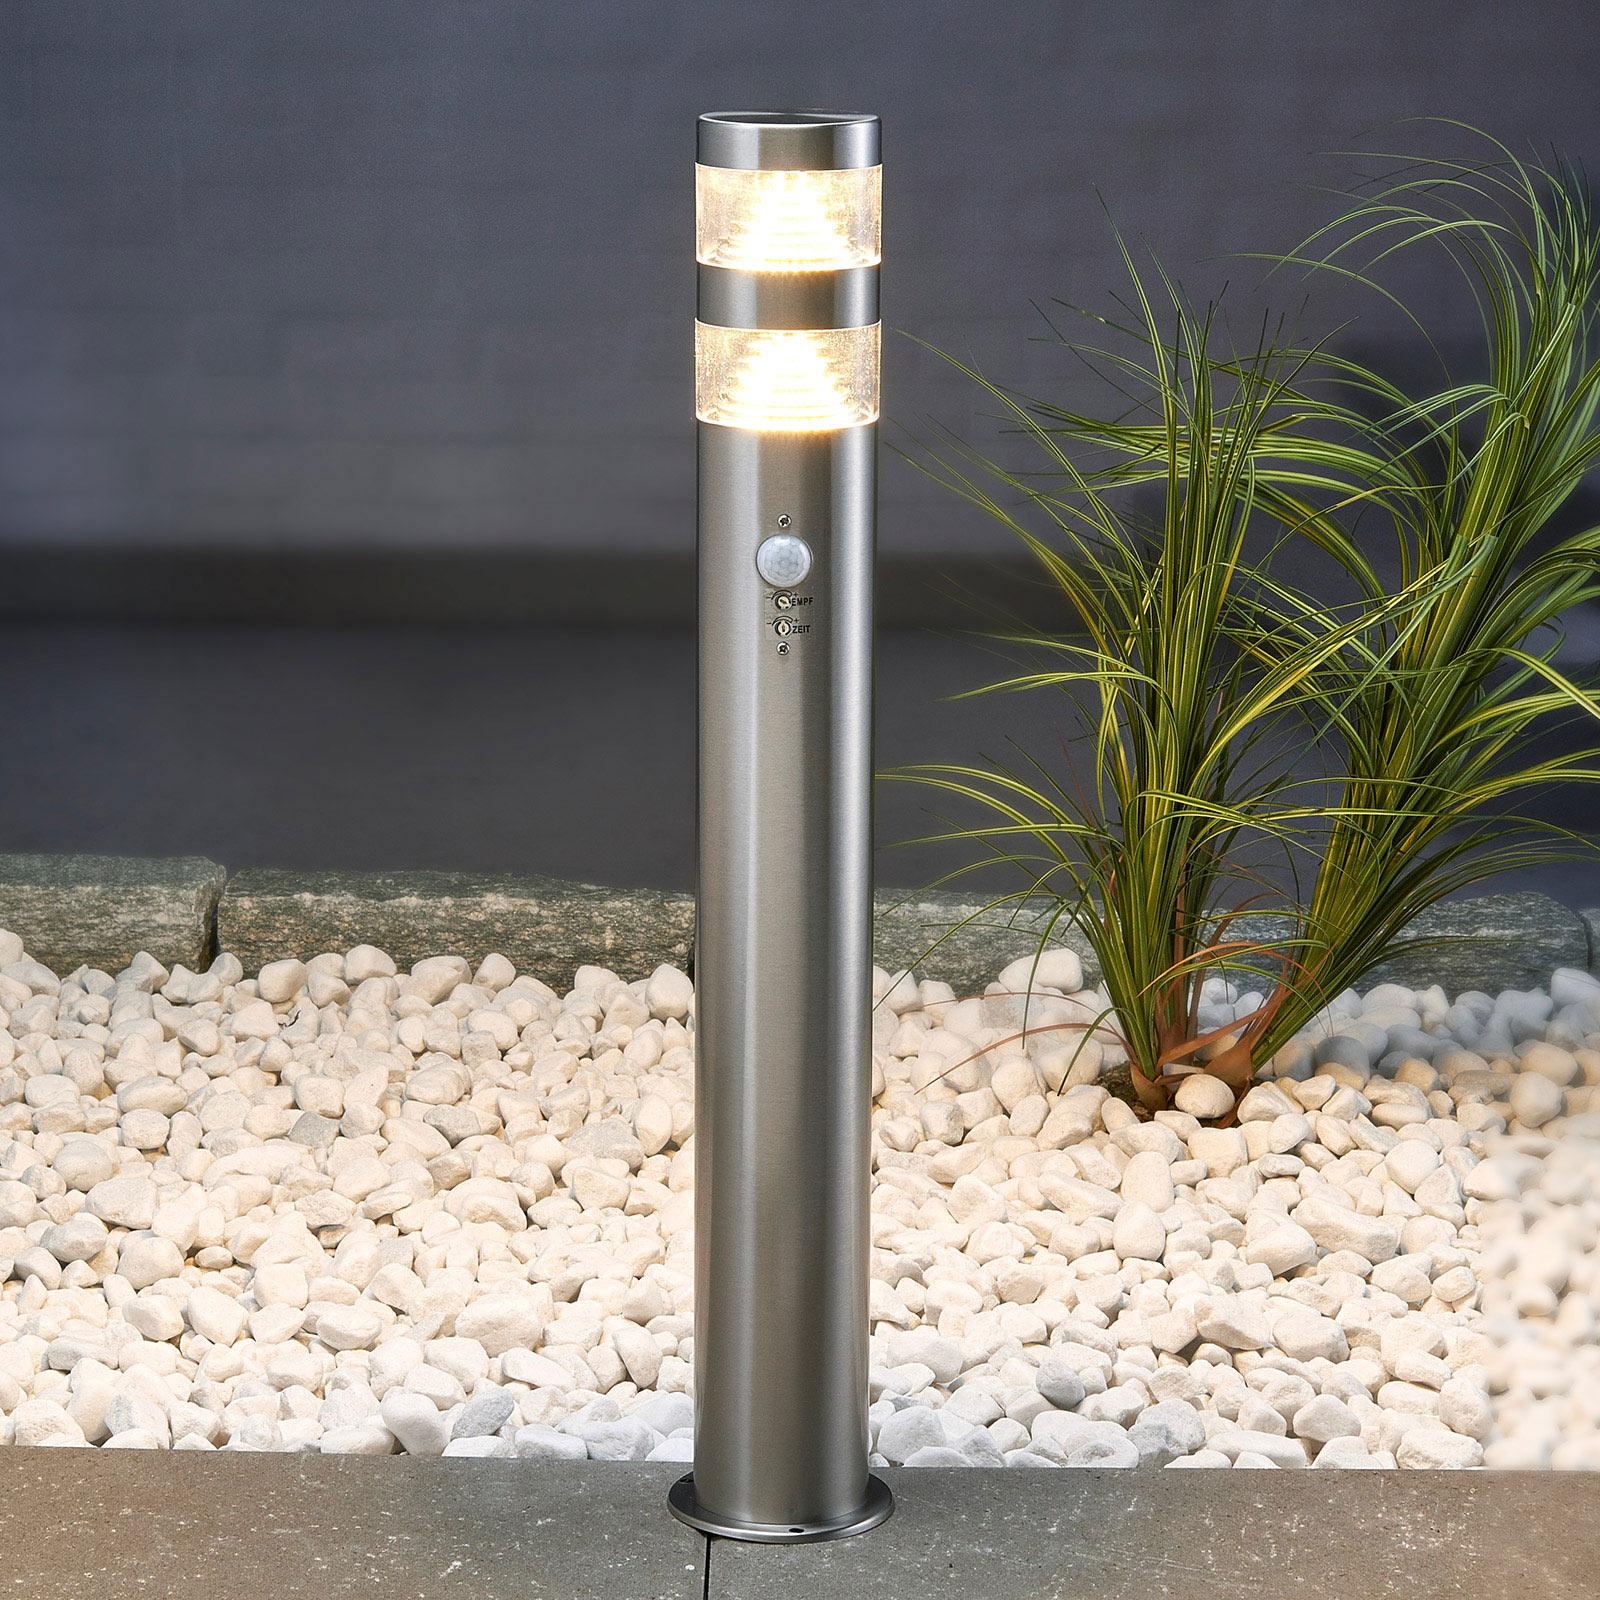 Lanea - LED-gadelampe med bevægelsessensor, 60cm